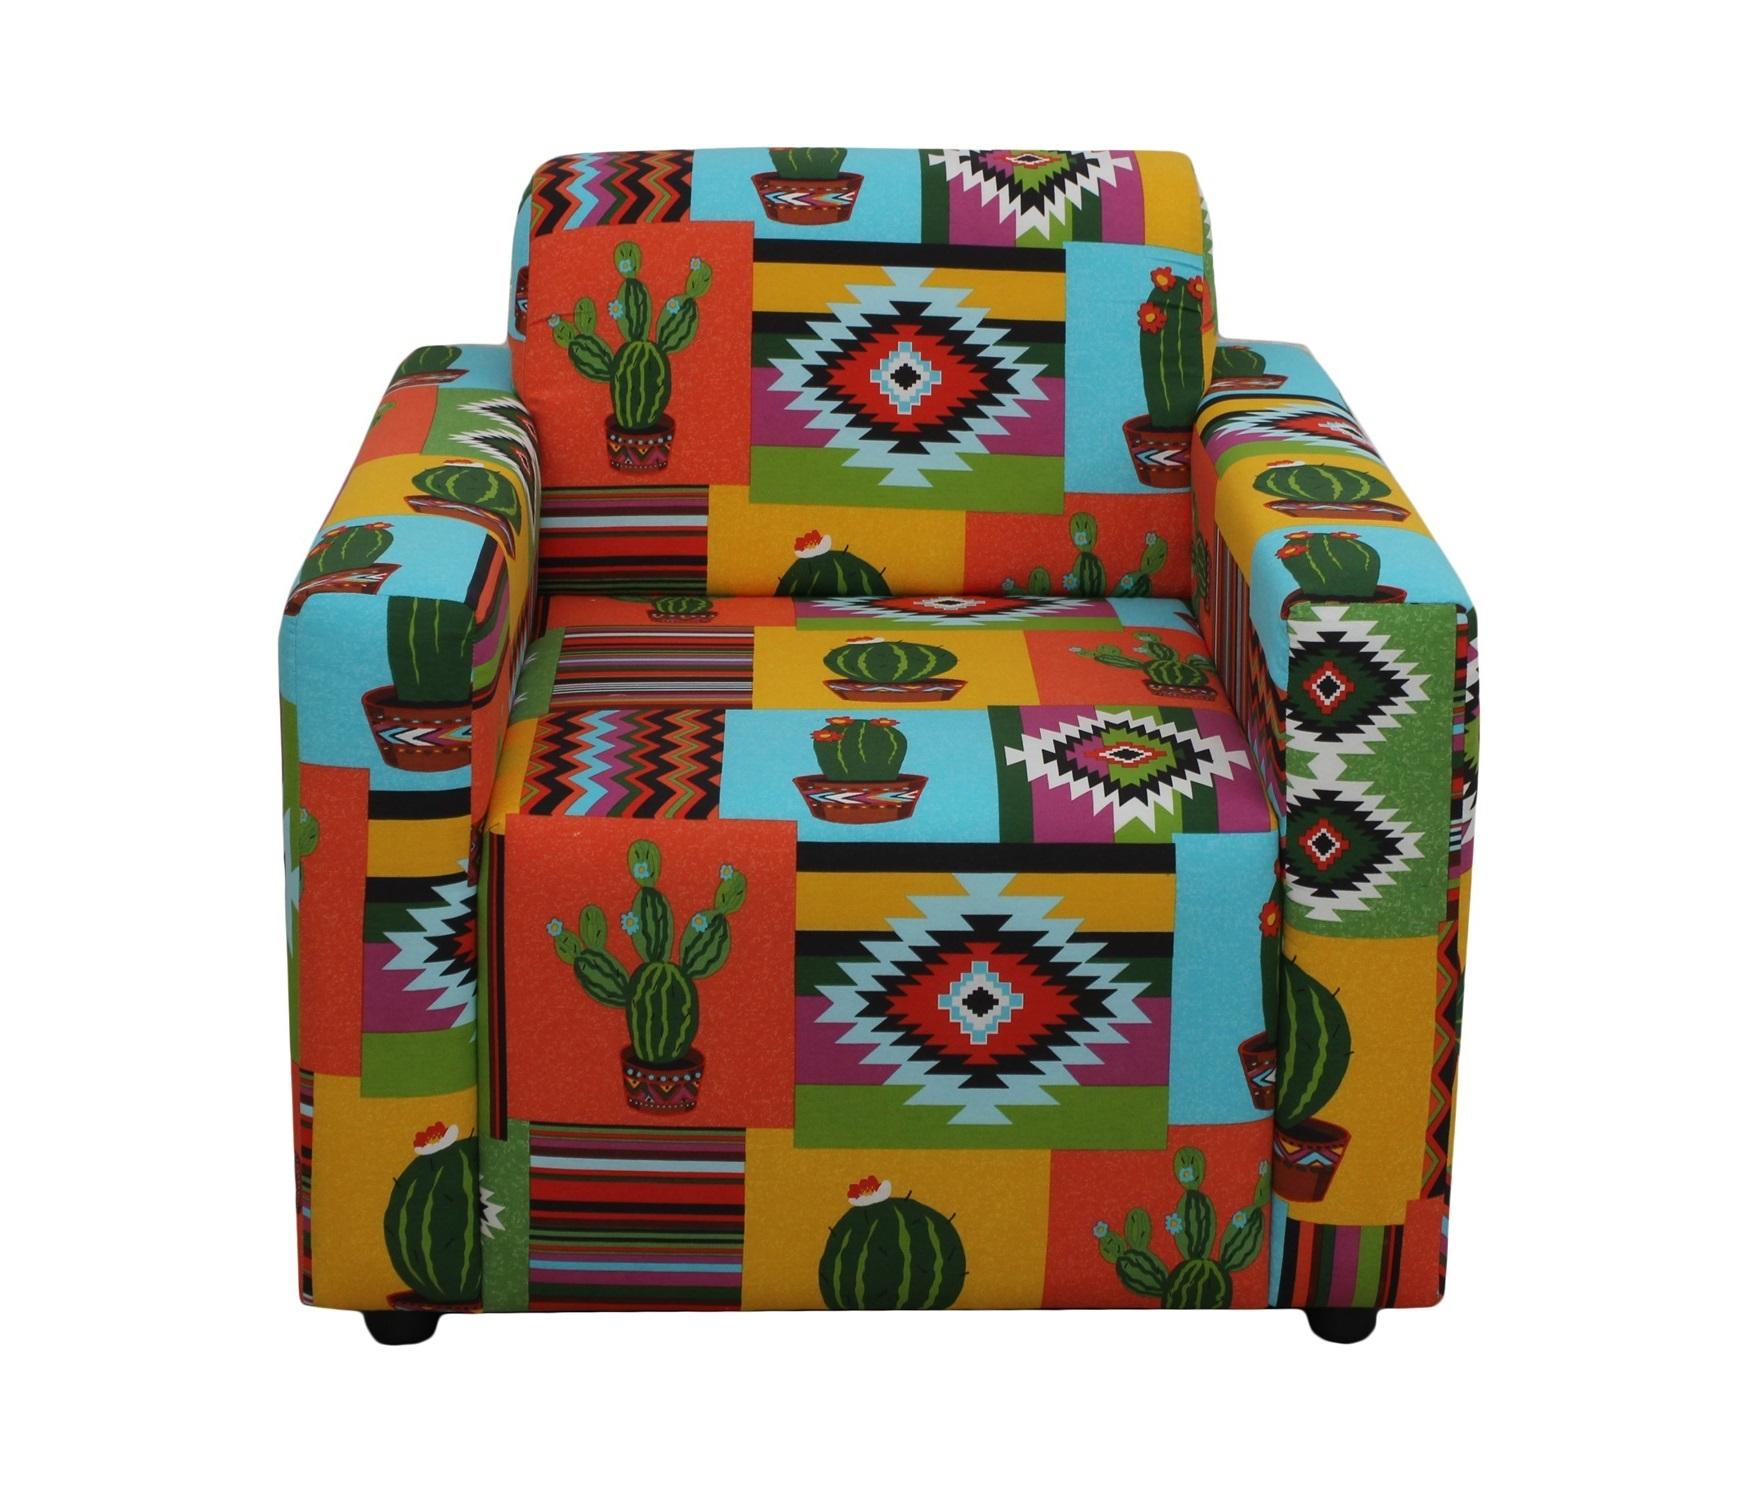 КреслоИнтерьерные кресла<br>Почувствуйте амосферу мексиканского карнавала! Ярко украшенные улицы, необычные традиционные костюмы и маски, музыка, танцы, фейерверки - все это нашло отражение в красочном кресле. Оно не только станет вашим любимым местом отдыха, но и сделает ваш дом действительно особенным!<br><br>Material: Текстиль<br>Ширина см: 80<br>Высота см: 65<br>Глубина см: 75